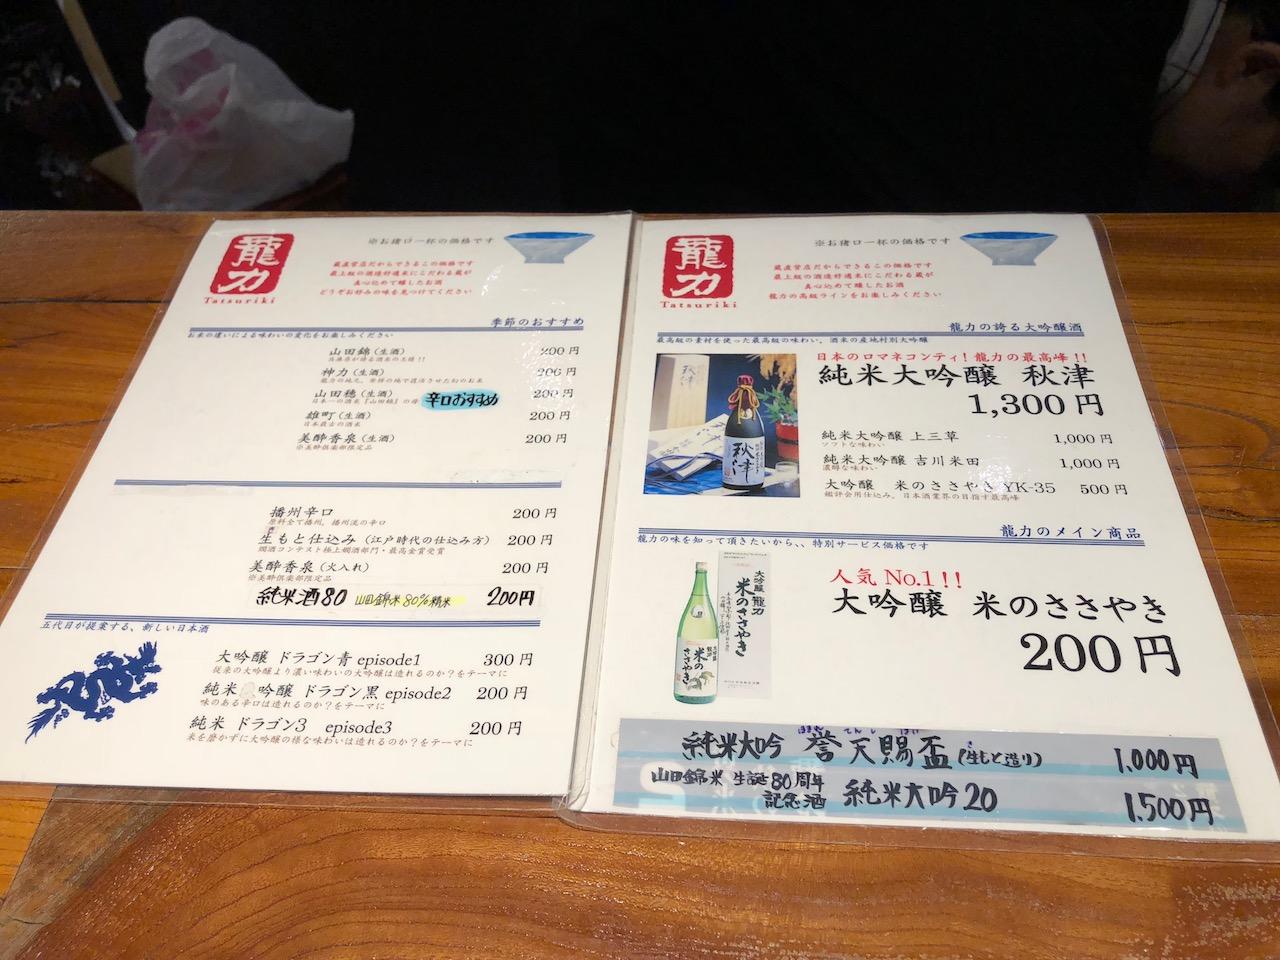 姫路駅前の地下街グランフェスタにある龍力ショップで日本酒の試飲してきた